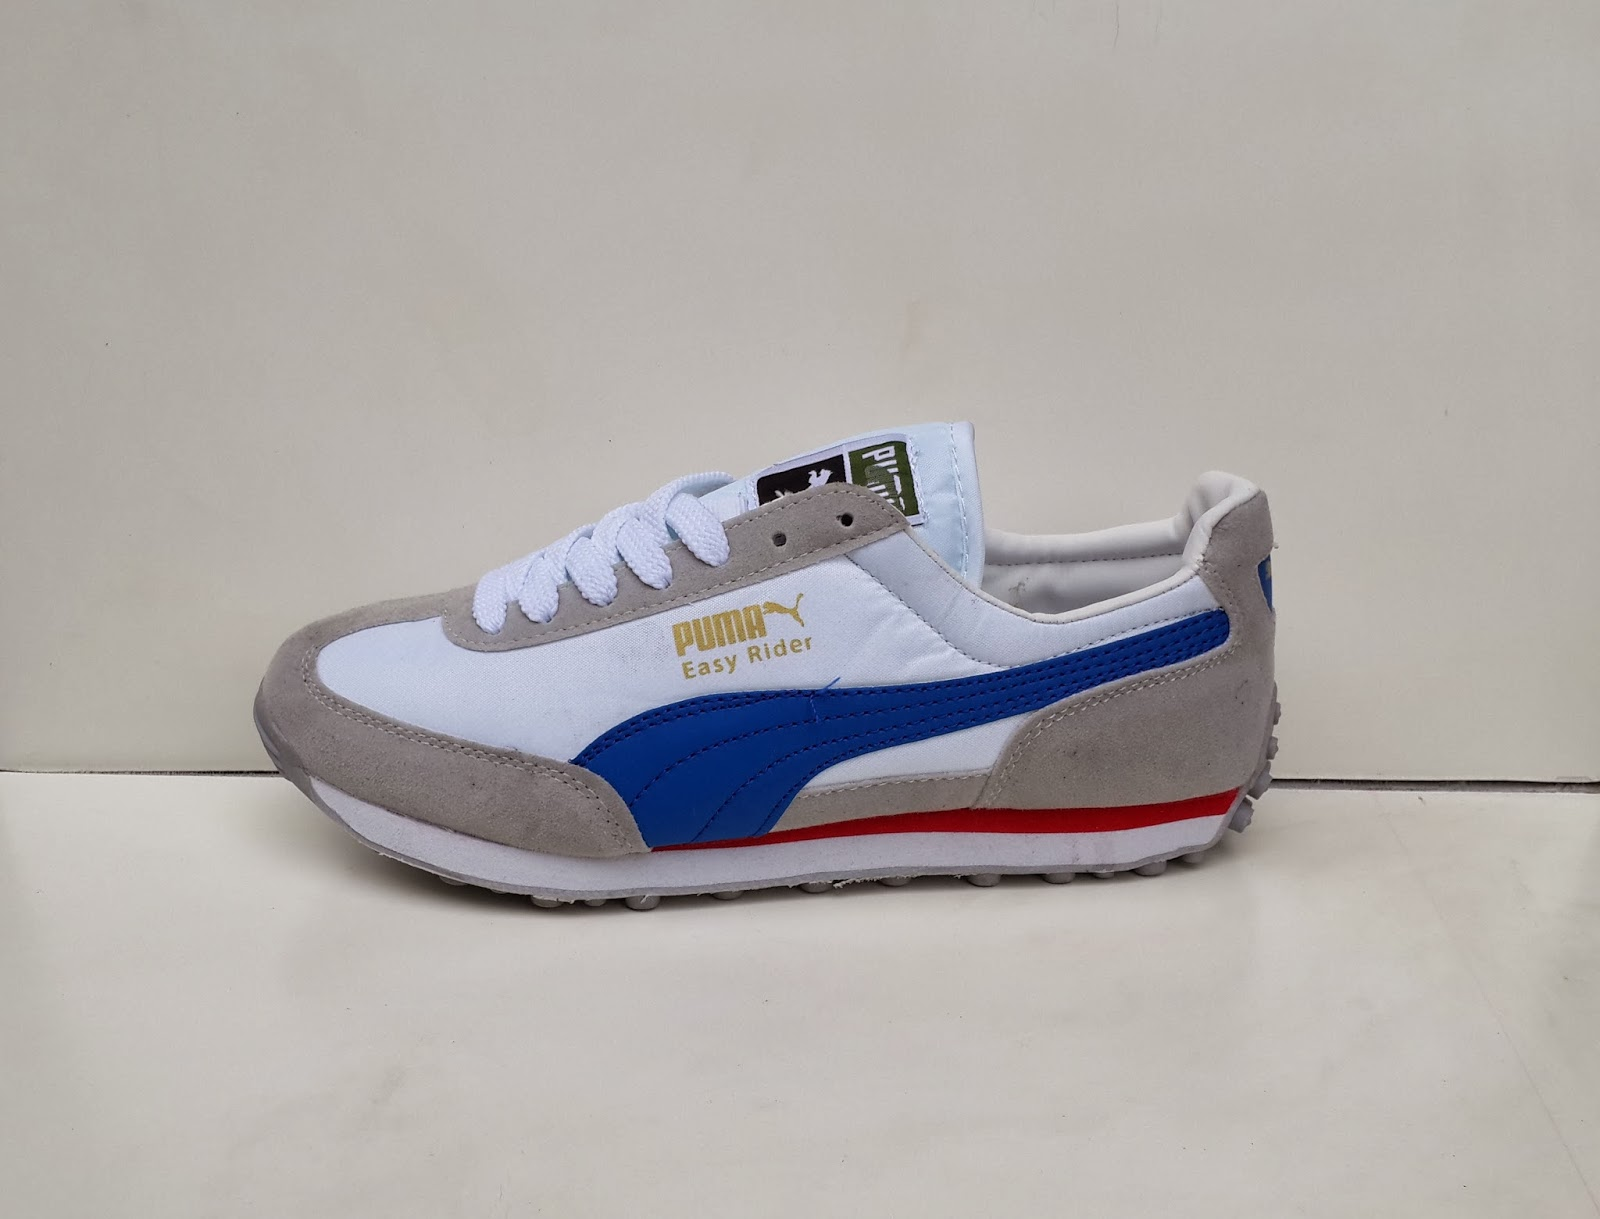 toko sepatu, Sepatu Puma Easy Rider warna putih